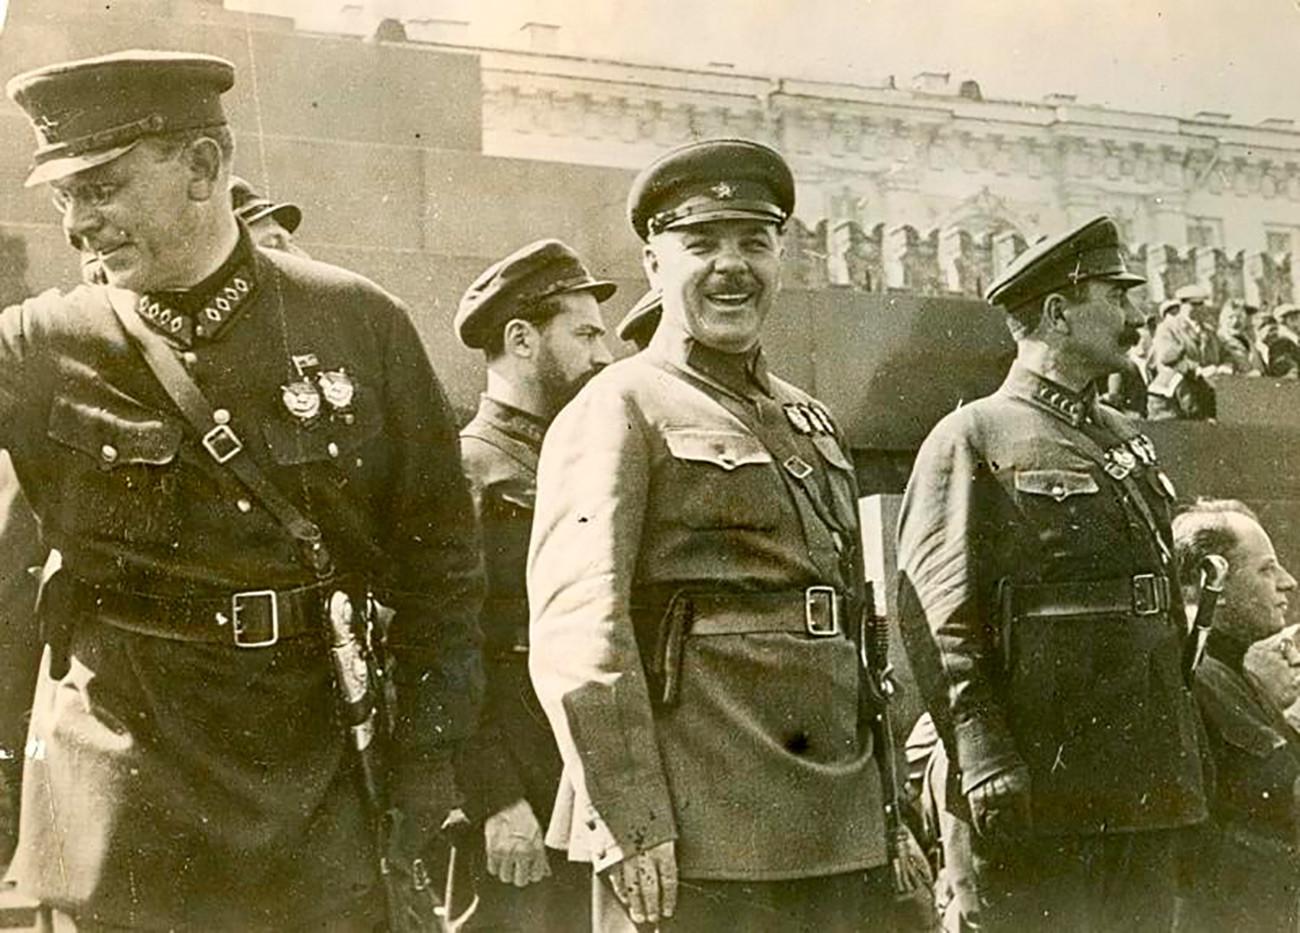 Les commandants de l'Armée rouge Avgoust Kork, Ian Gamarnik, Kliment Vorochilov, Semion Boudenny au mausolée de Lénine